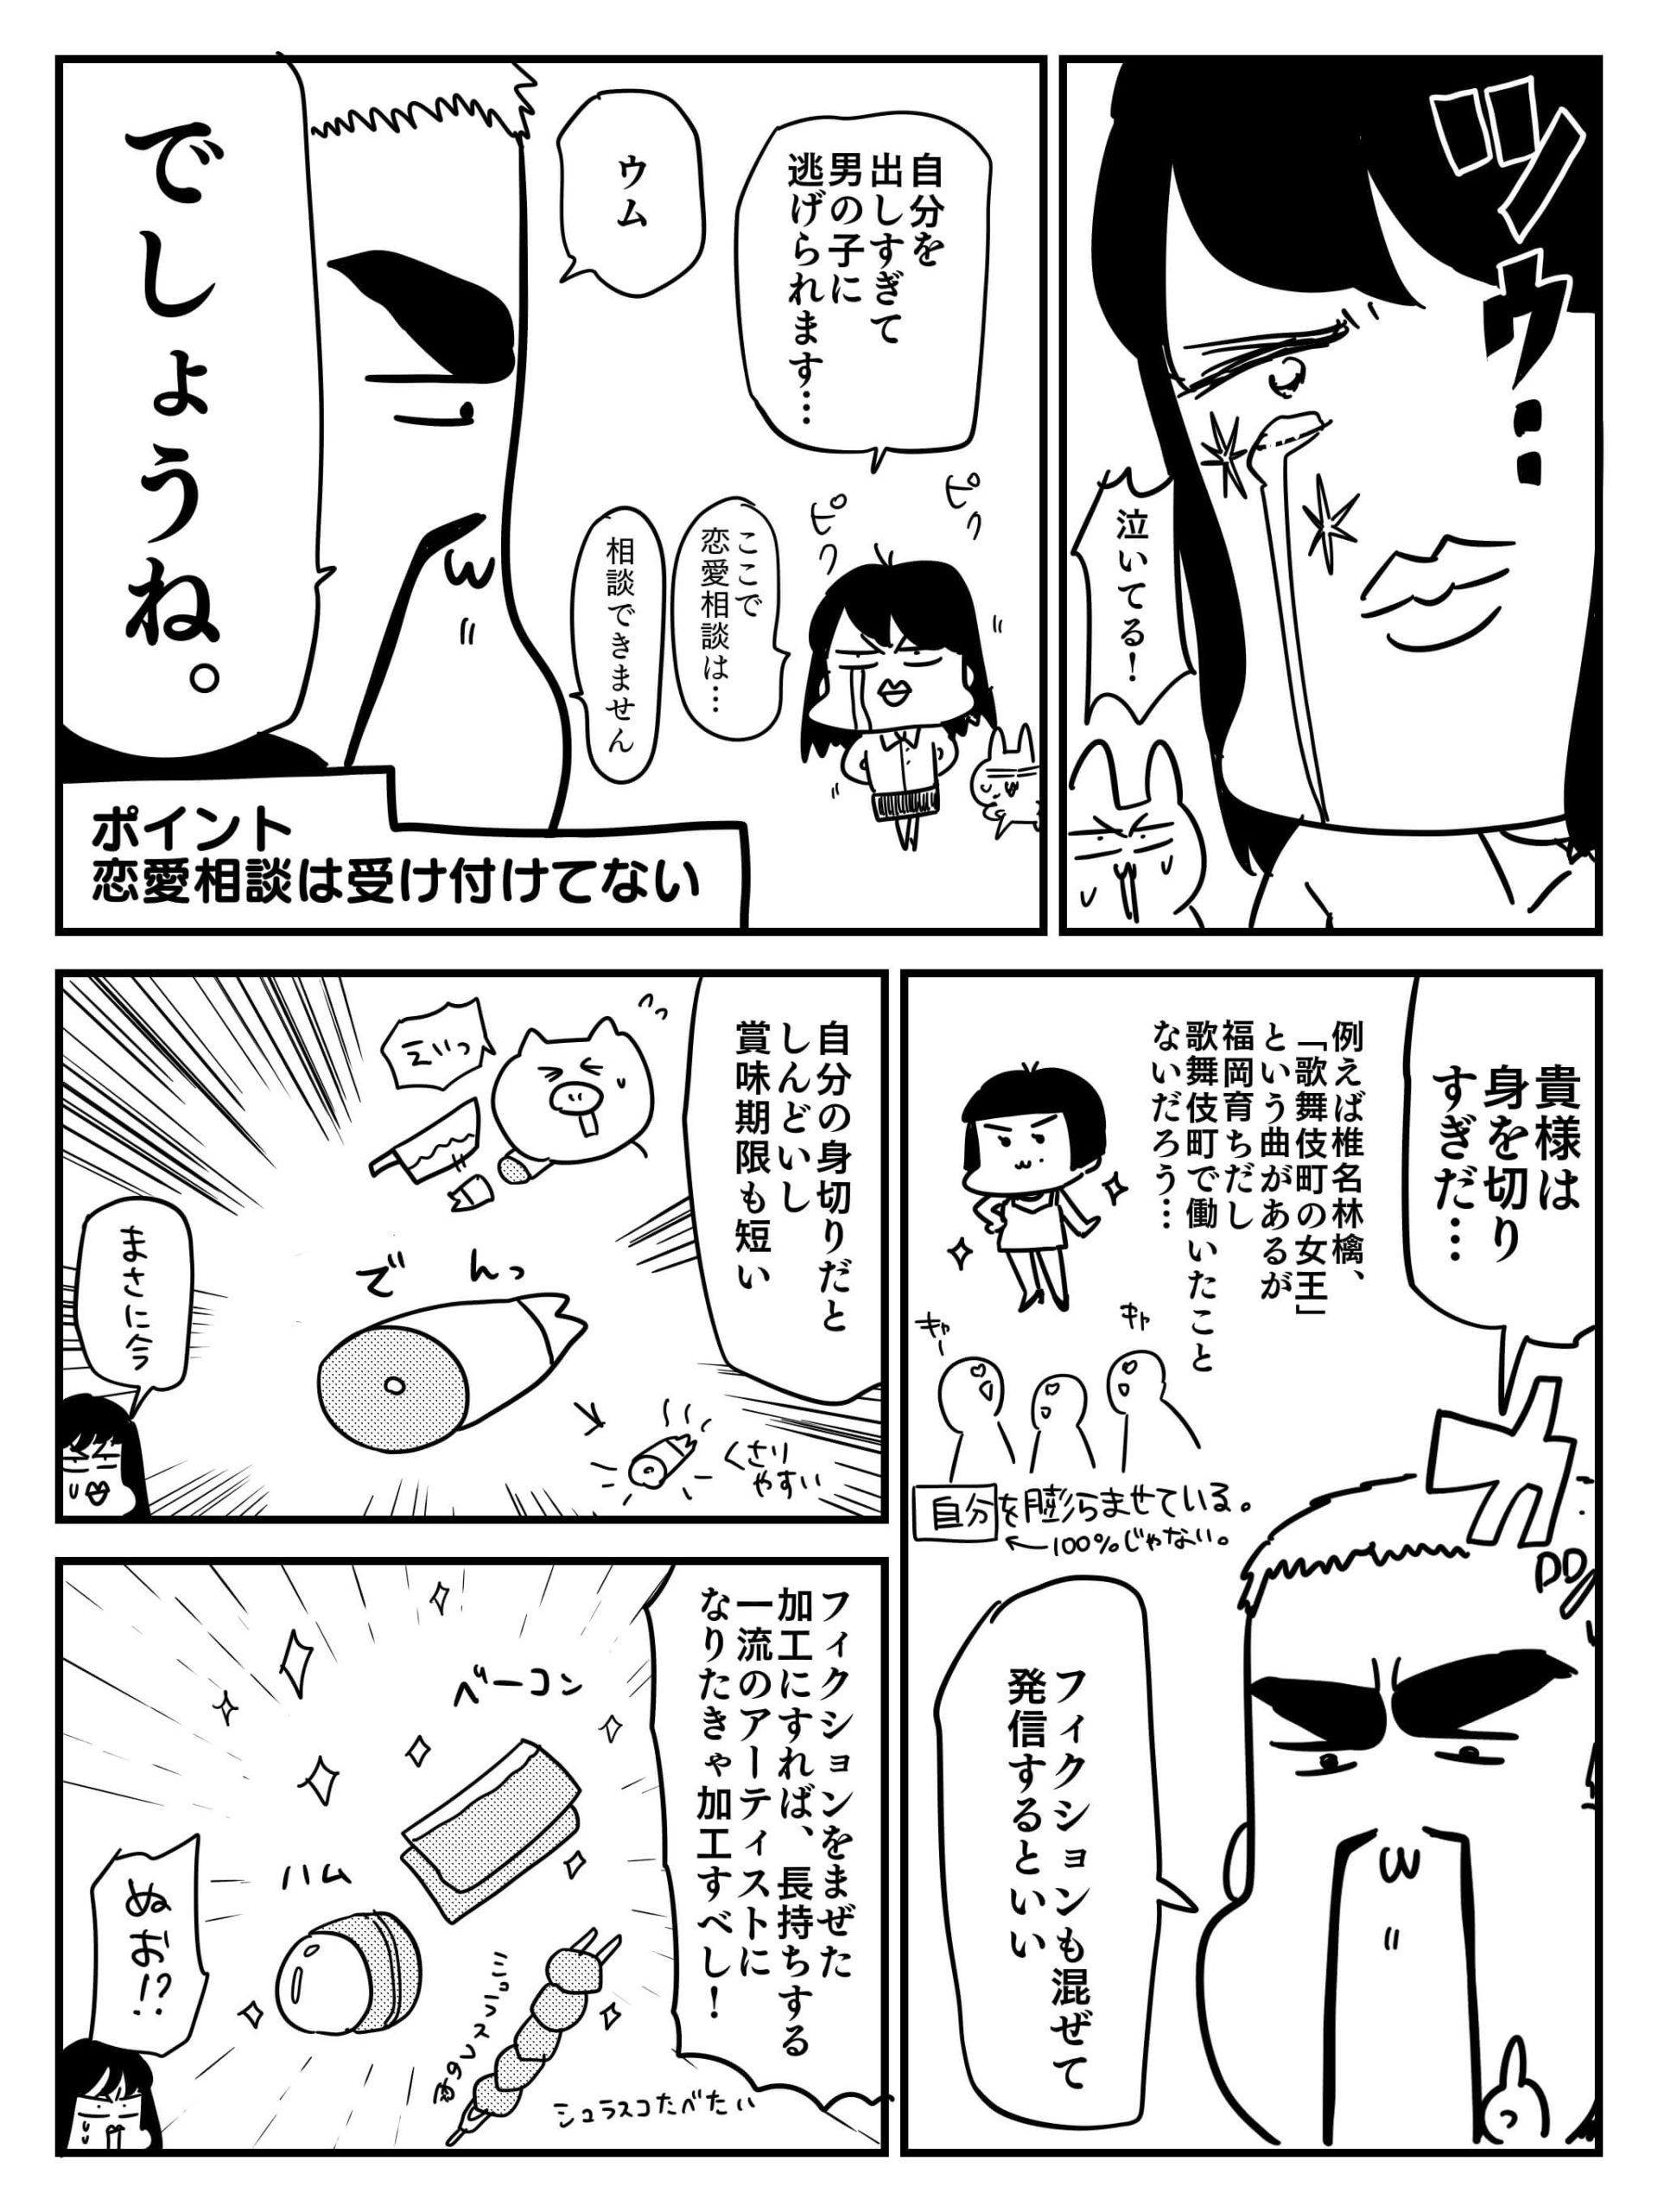 田端大学3